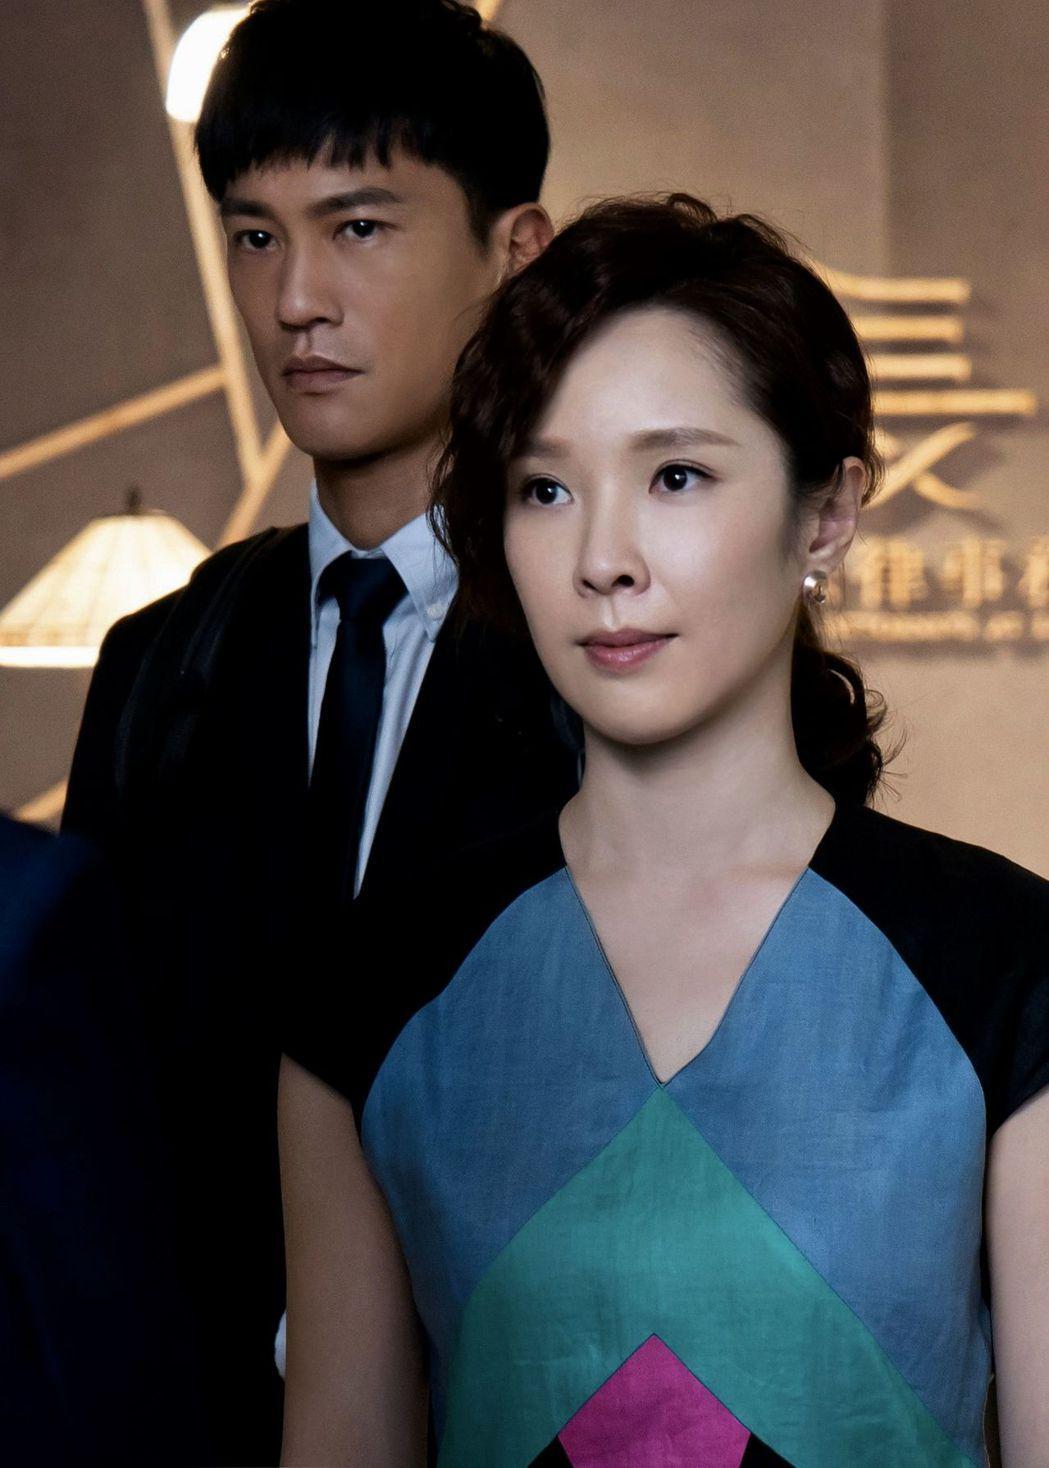 鍾承翰(左)在「最佳利益」中演菜鳥律師,和天心有對手戲  圖/中天提供